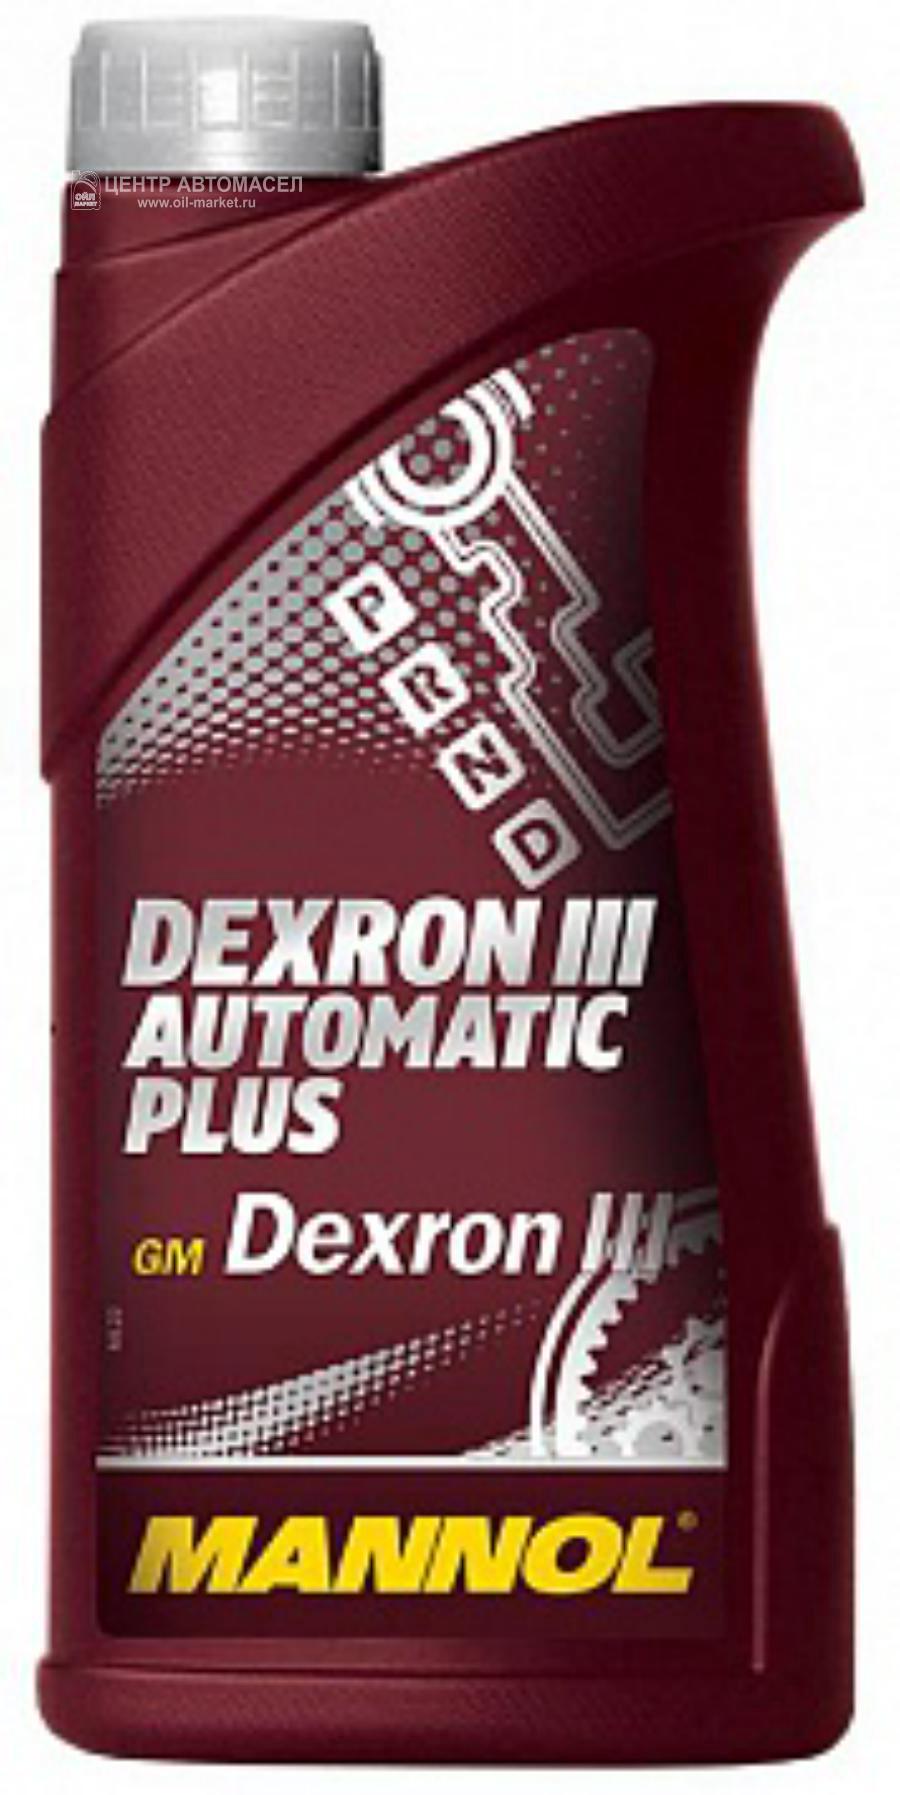 Масло трансмиссионное синтетическое DEXRON III AUTOMATIC PLUS, 1л